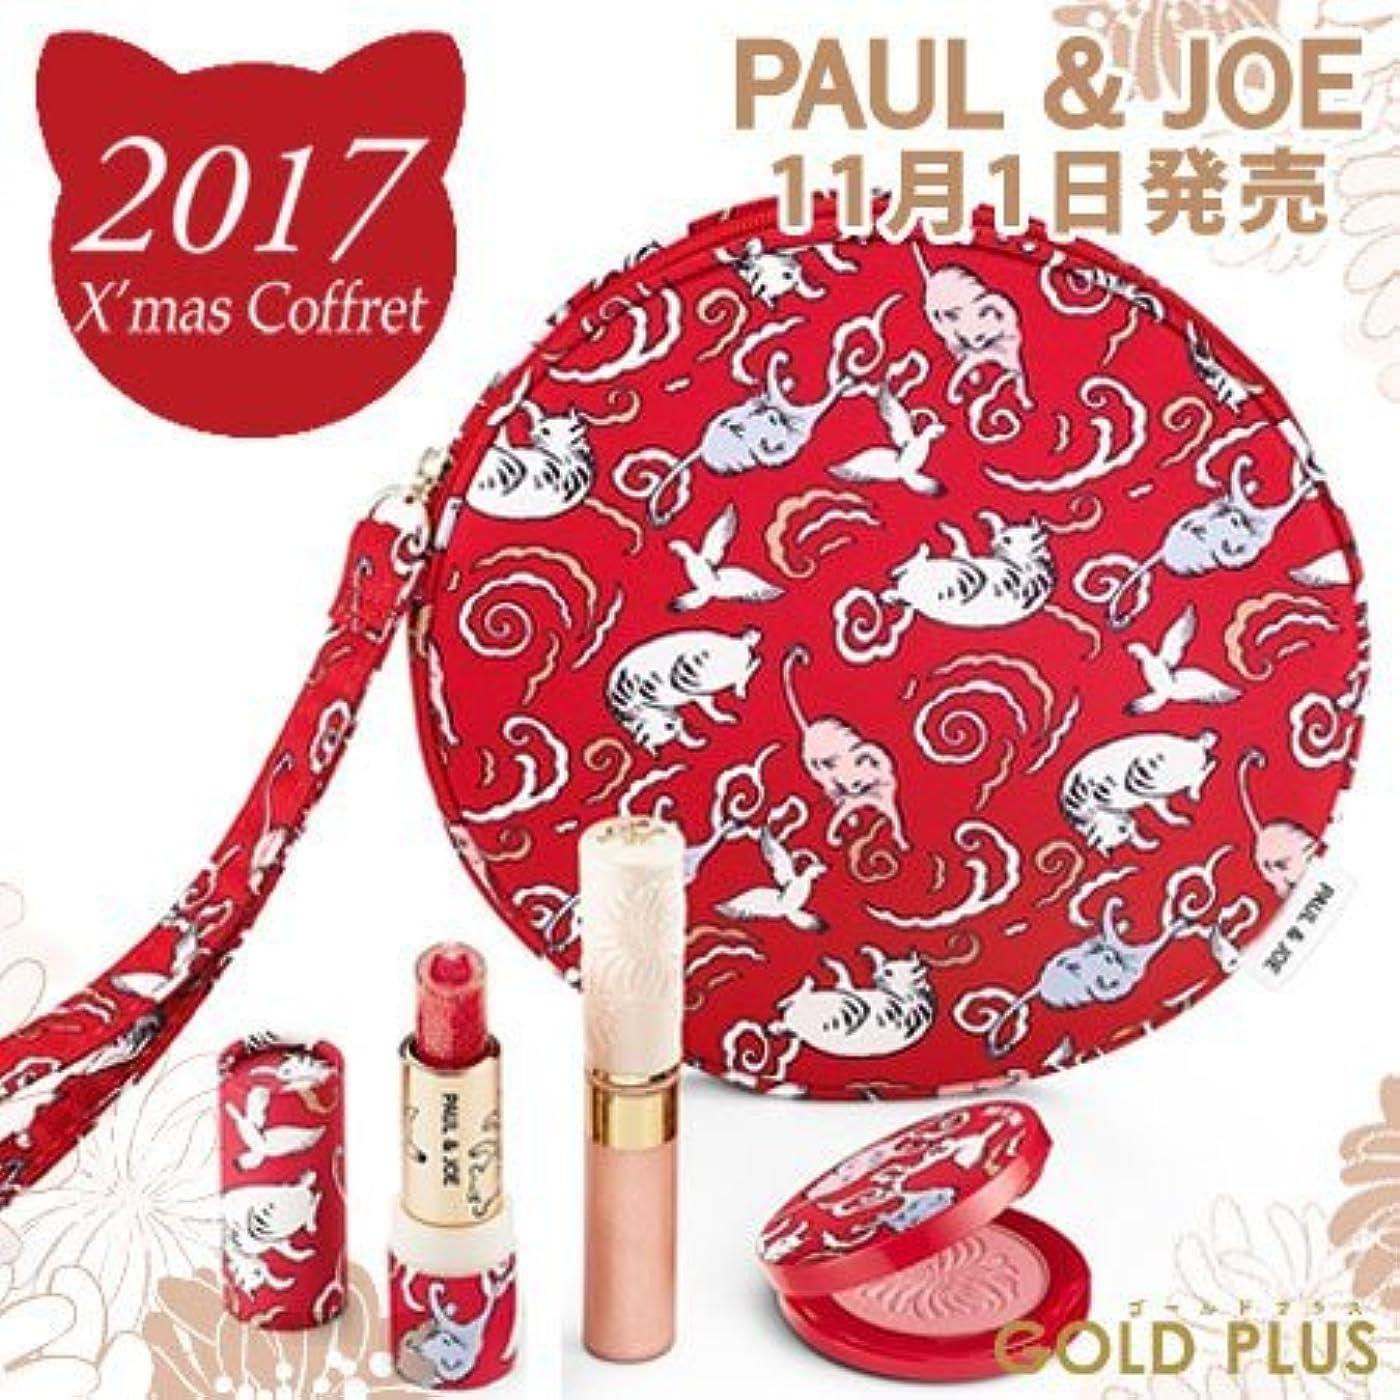 失われた剛性願うポール&ジョー メイクアップ コレクション 2017 【 2017 クリスマス コフレ 】限定品 -PAUL&JOE-